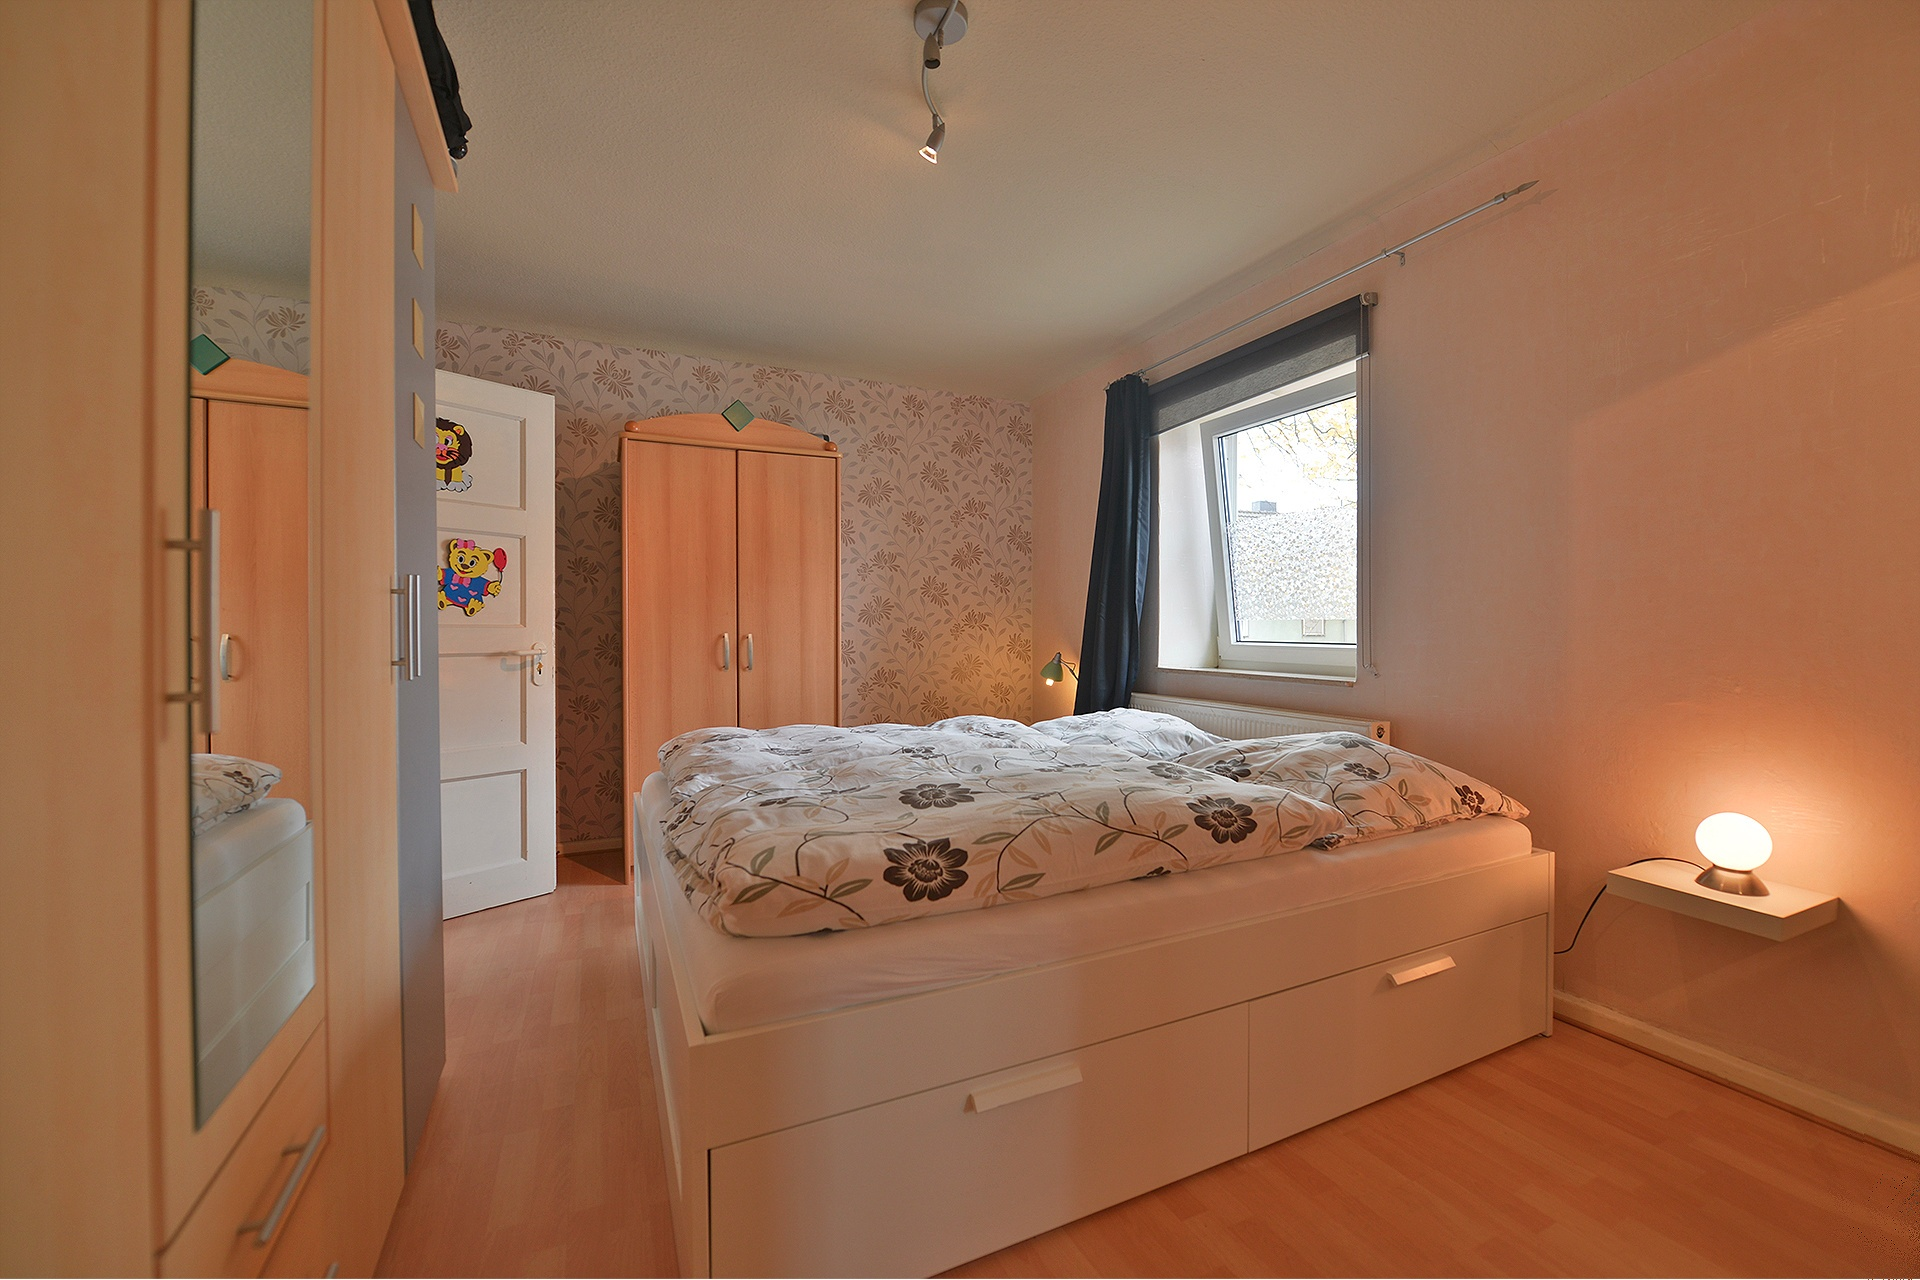 Immobilienmakler Alsdorf Doppelhaushälfte referenzen mit Immobilienbewertung